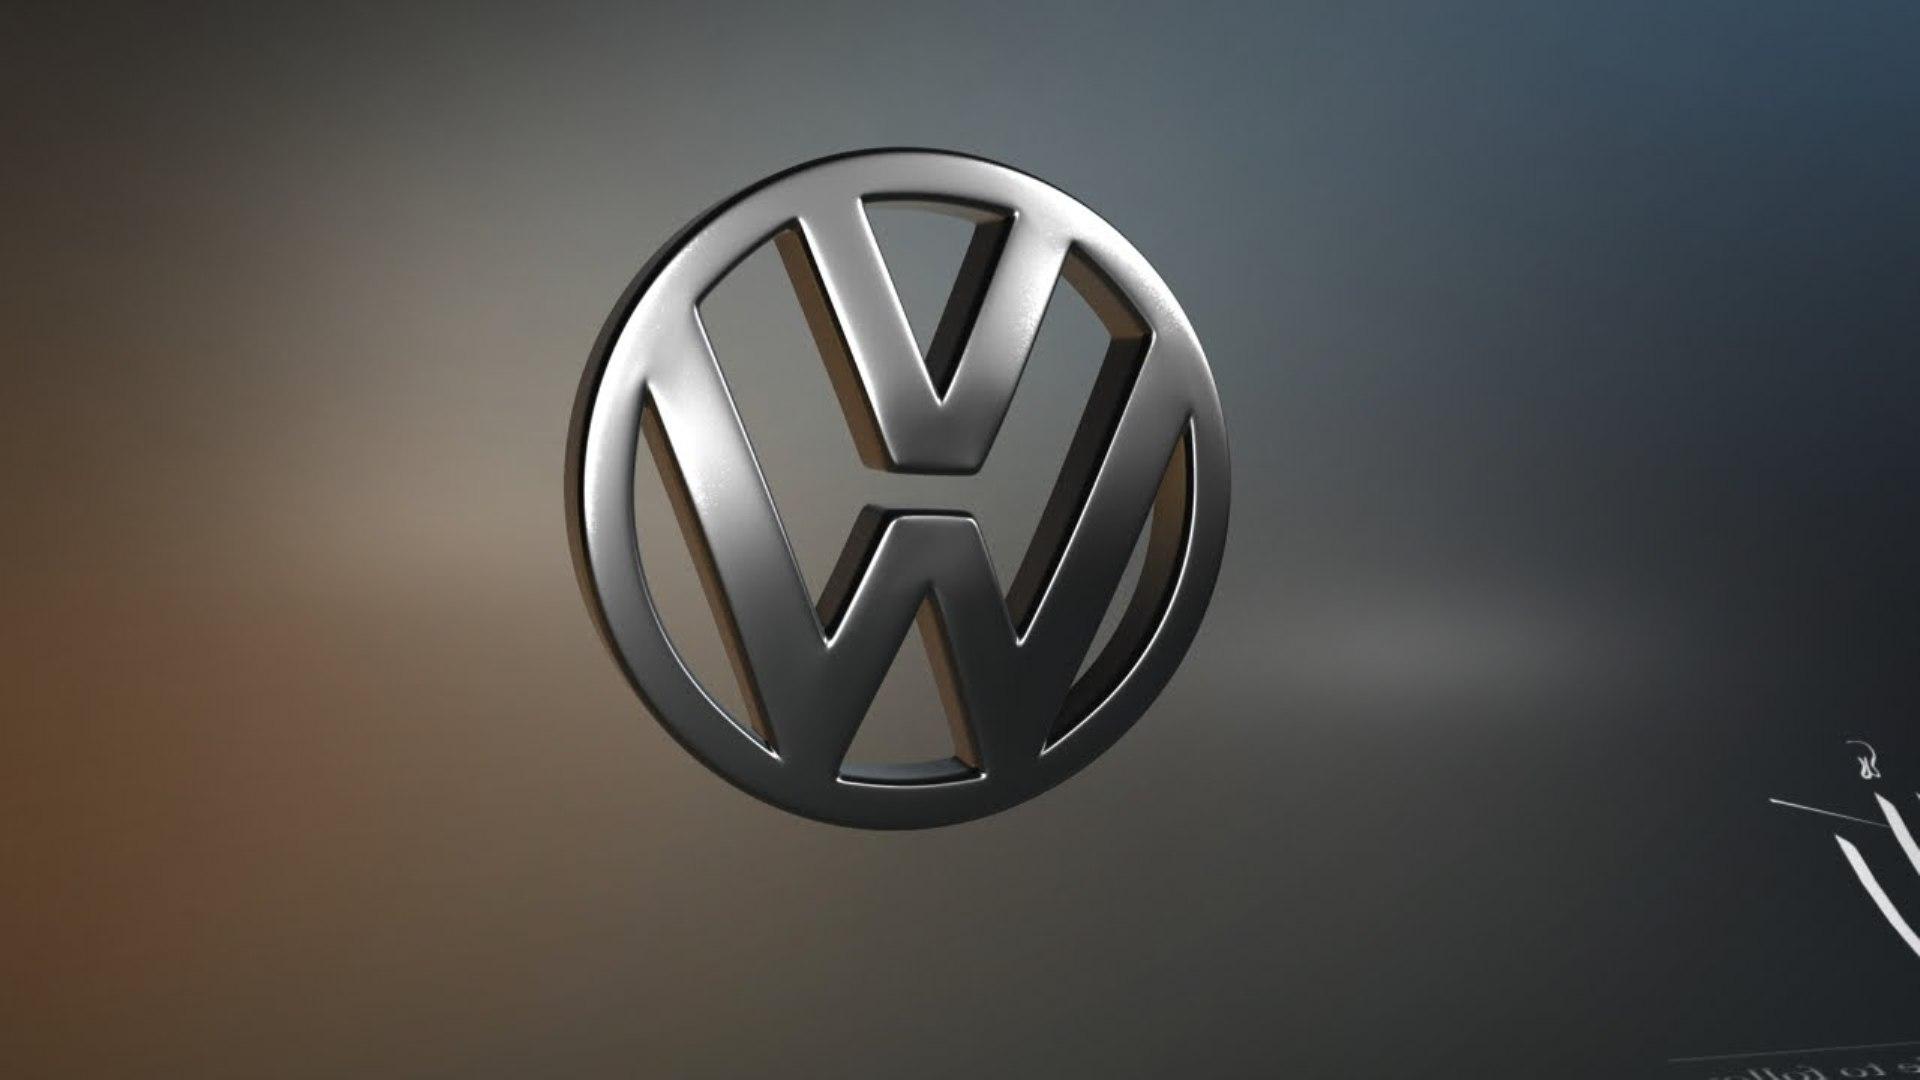 Volkswagen Logo Iphone Wallpaper Vw Logo 1920x1080 Download Hd Wallpaper Wallpapertip